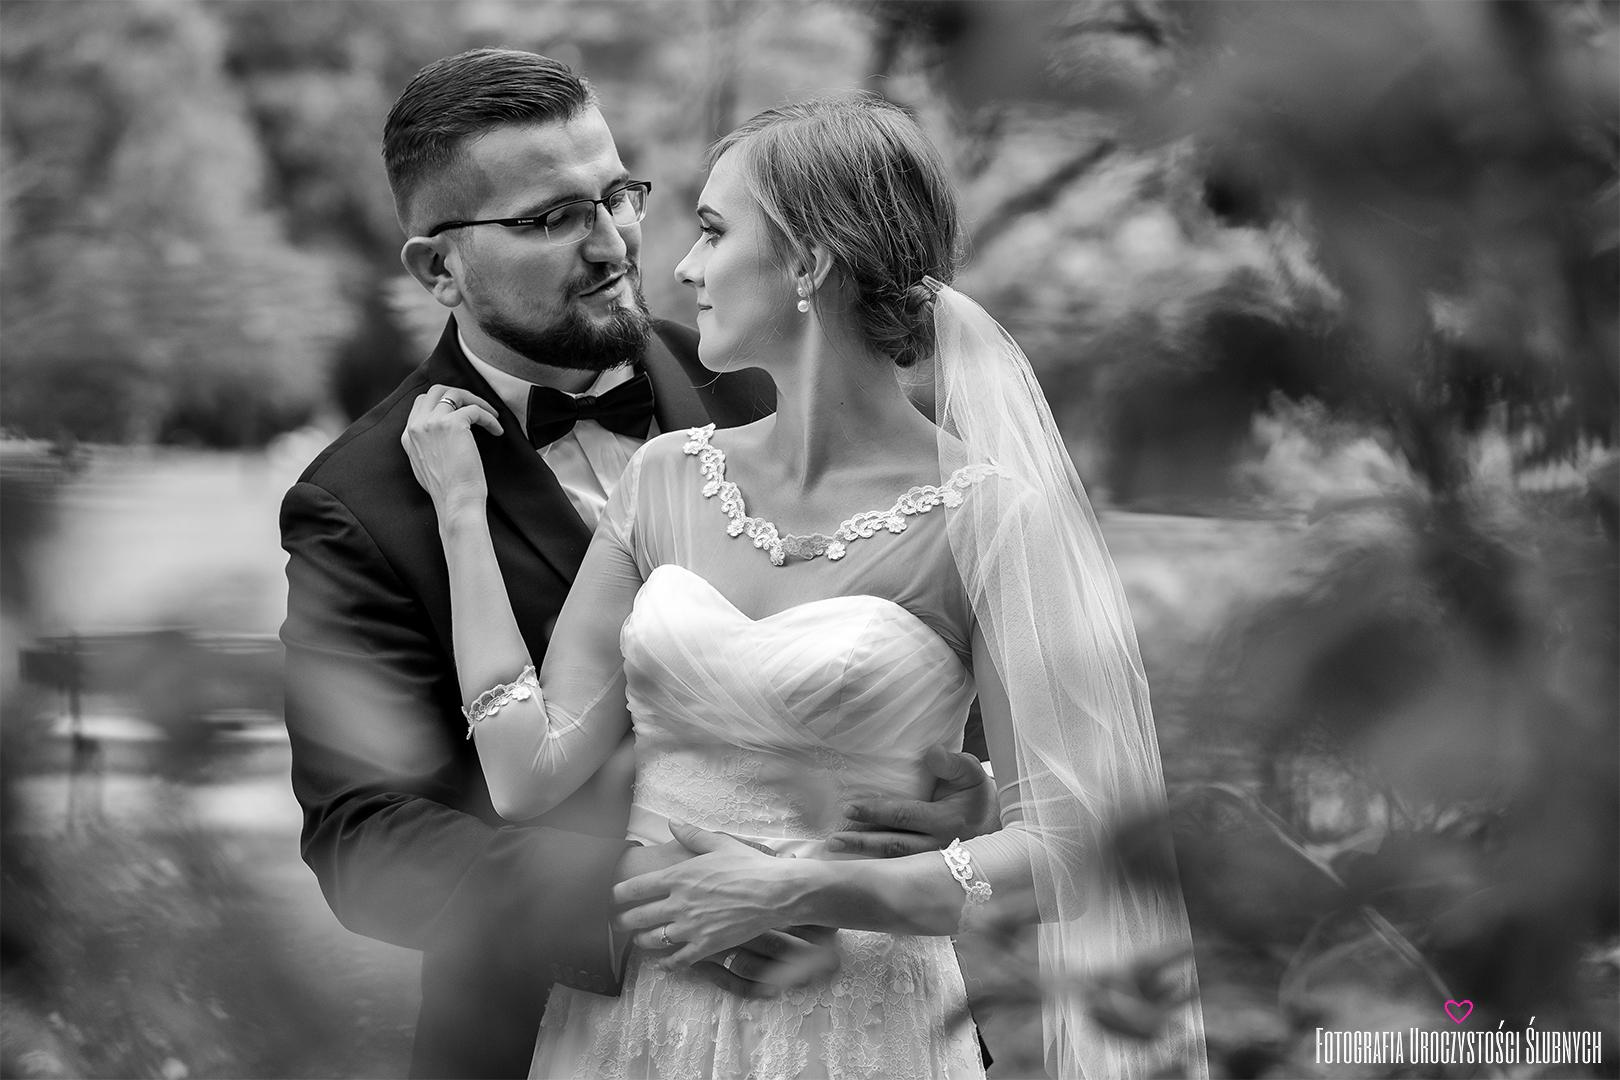 Piękne plenery ślubne, sesje narzeczeńskie, zdjęcia ślubne Jelenia Góra. Ślubna sesja w parku Zdrojowym - artystyczne zdjęcia ślubne.